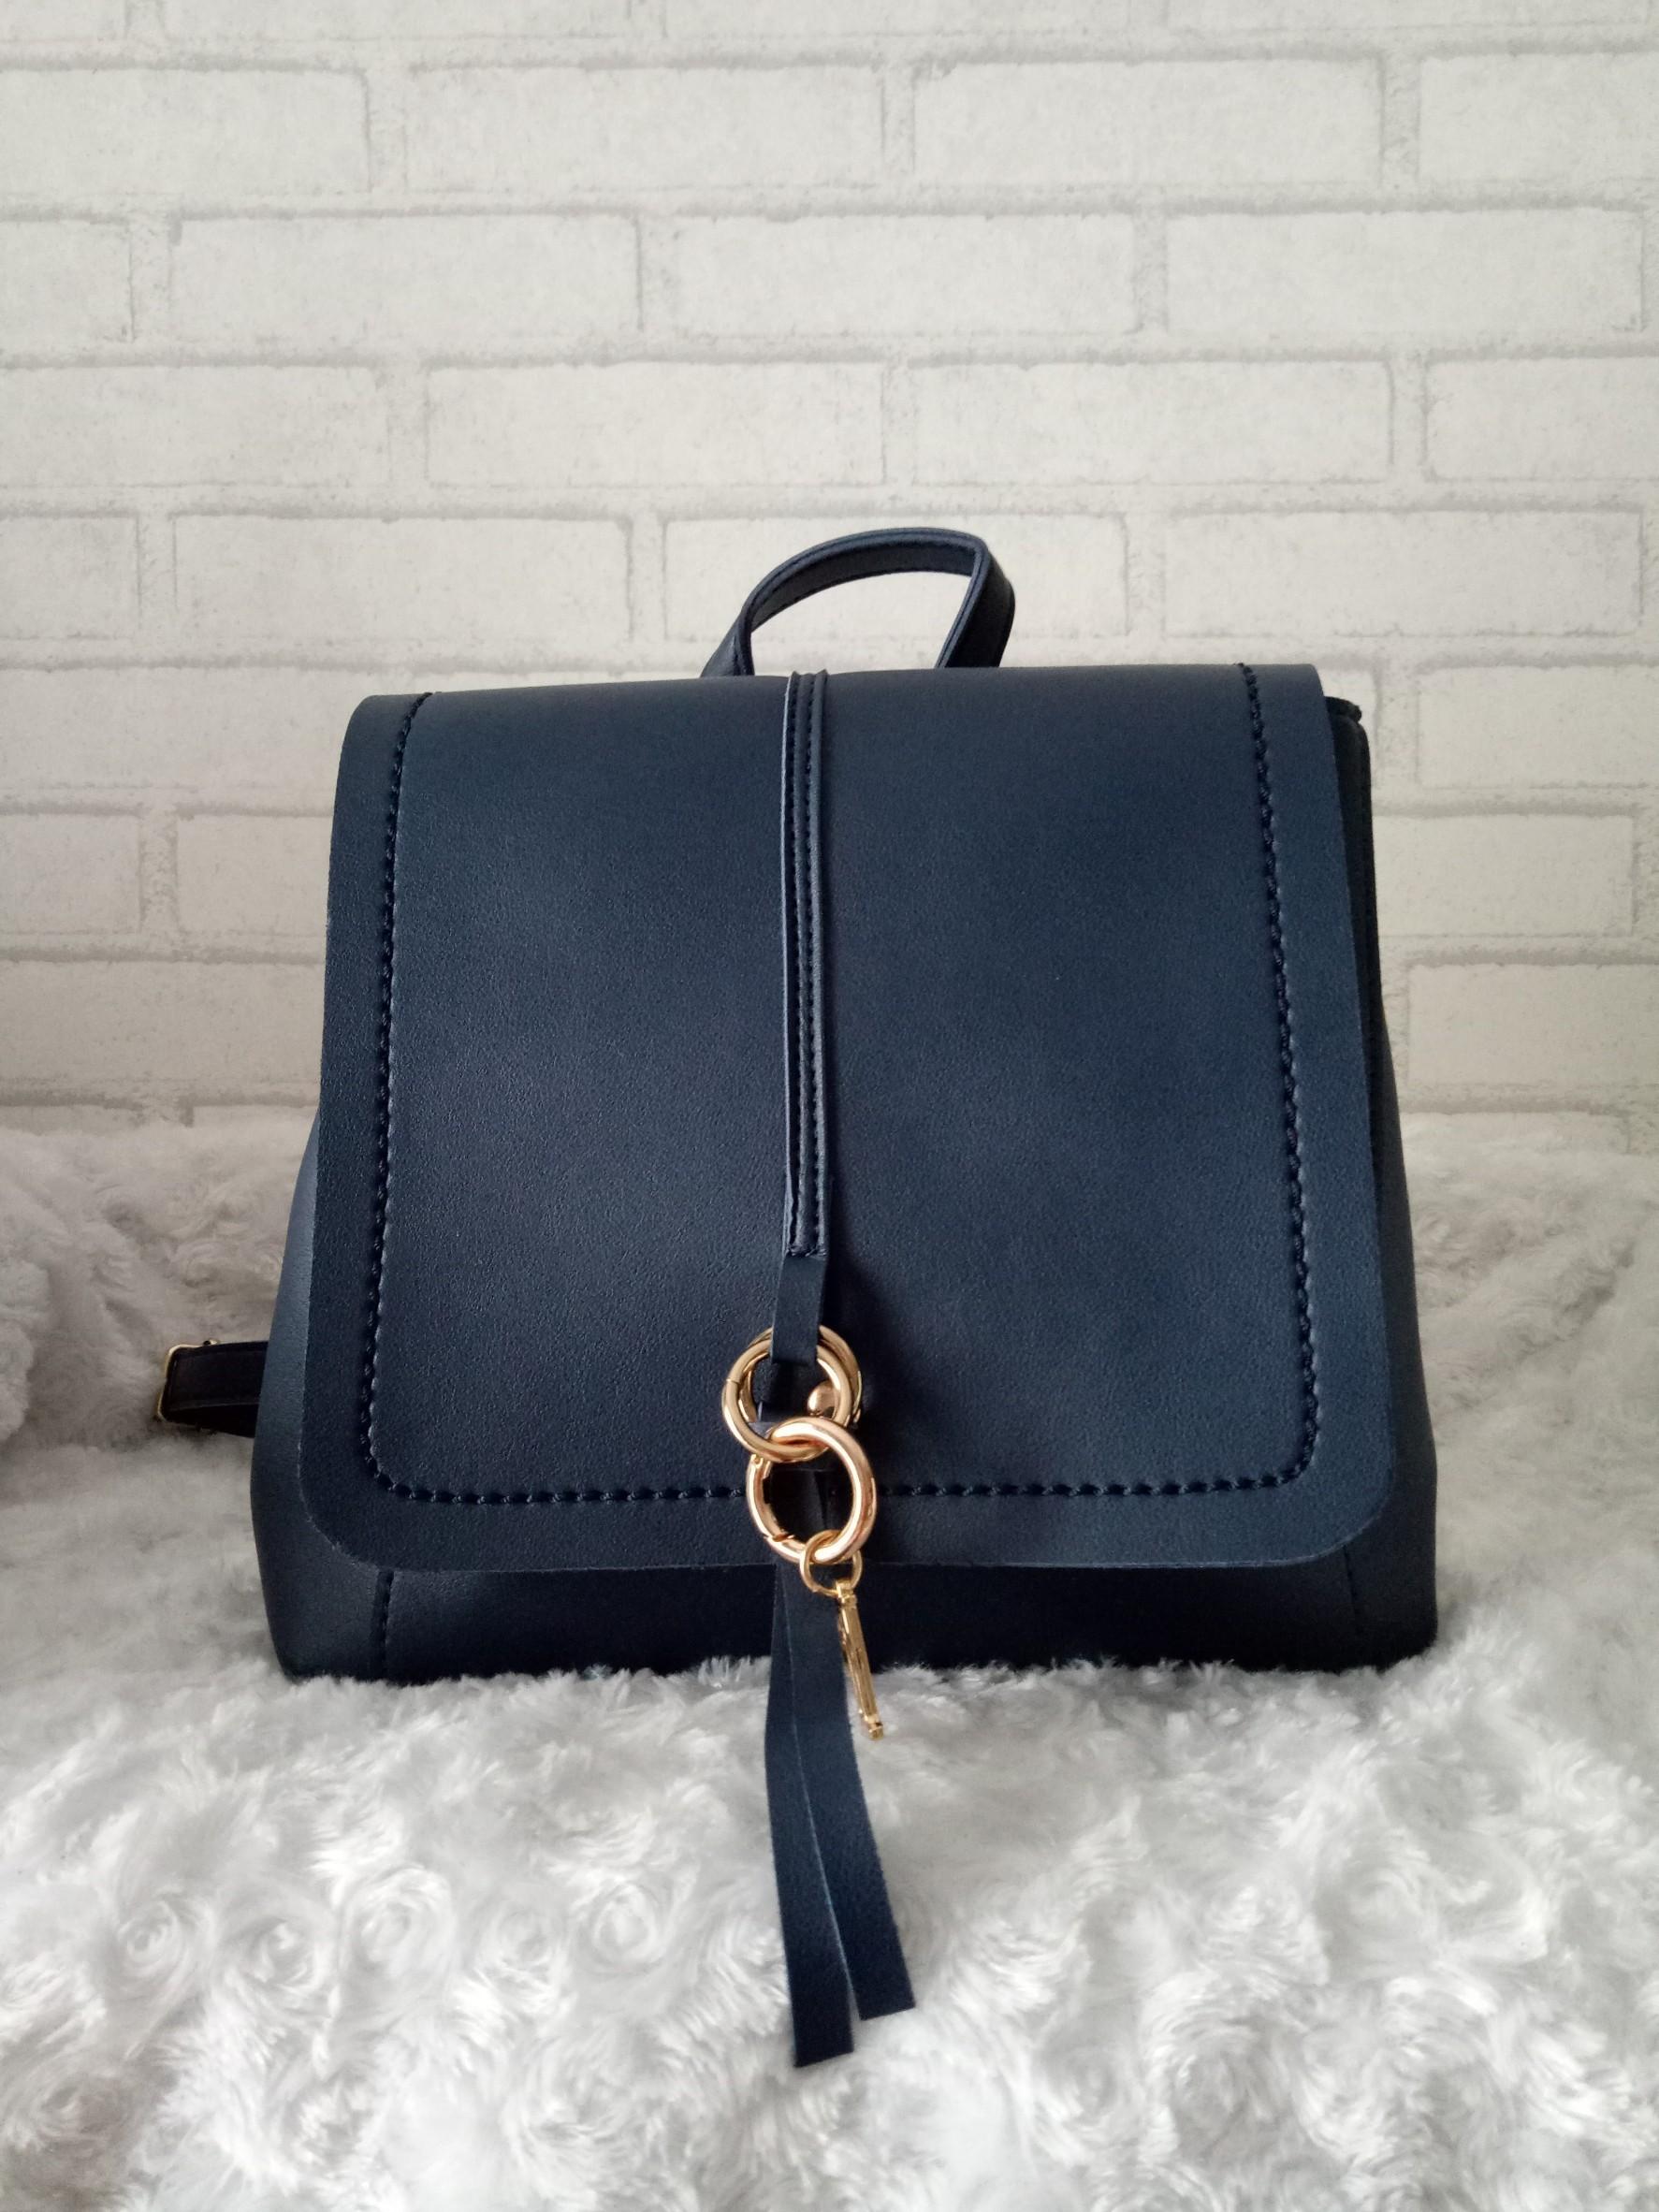 กระเป๋าแฟชั่น เป็นเป้ได้ สะพายข้างได้ ขนาด 4* 9.5 *8.5 นิ้ว หนังเรียบ ด้านใน 1 ช่อง